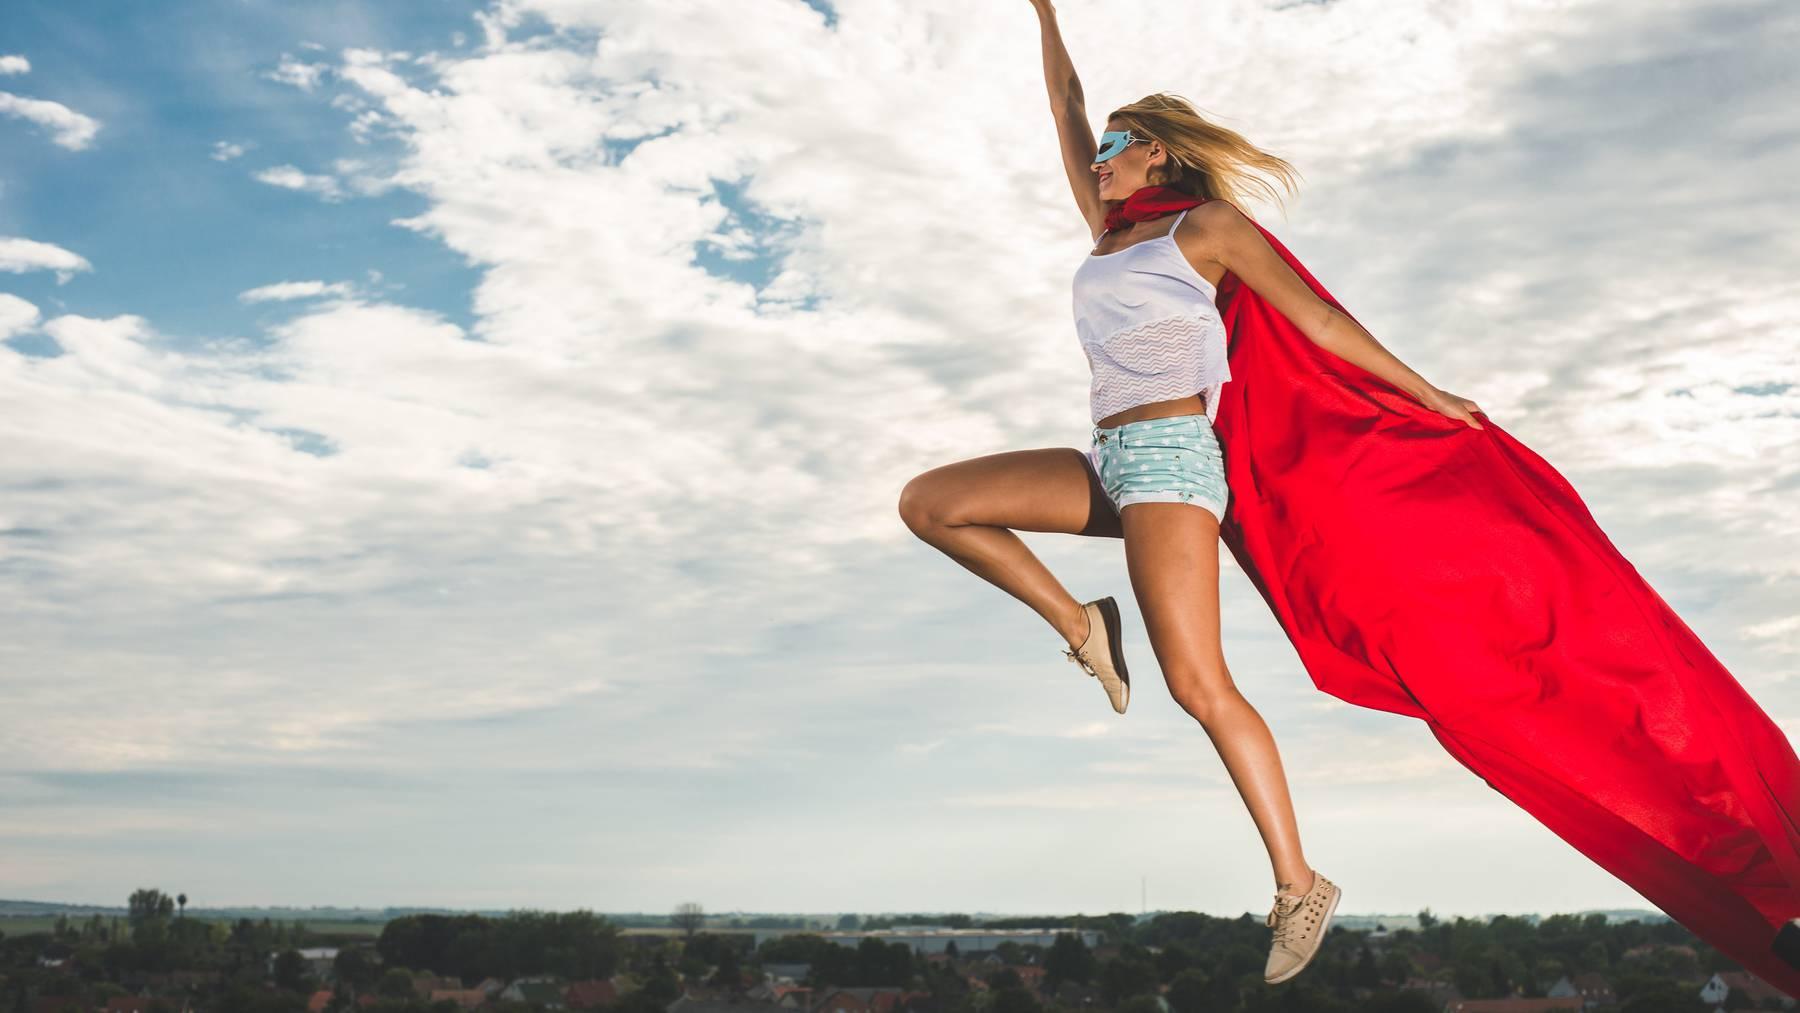 Frauen haben viele gute Dinge erfunden. Unter anderem das Superhelden-Genre.